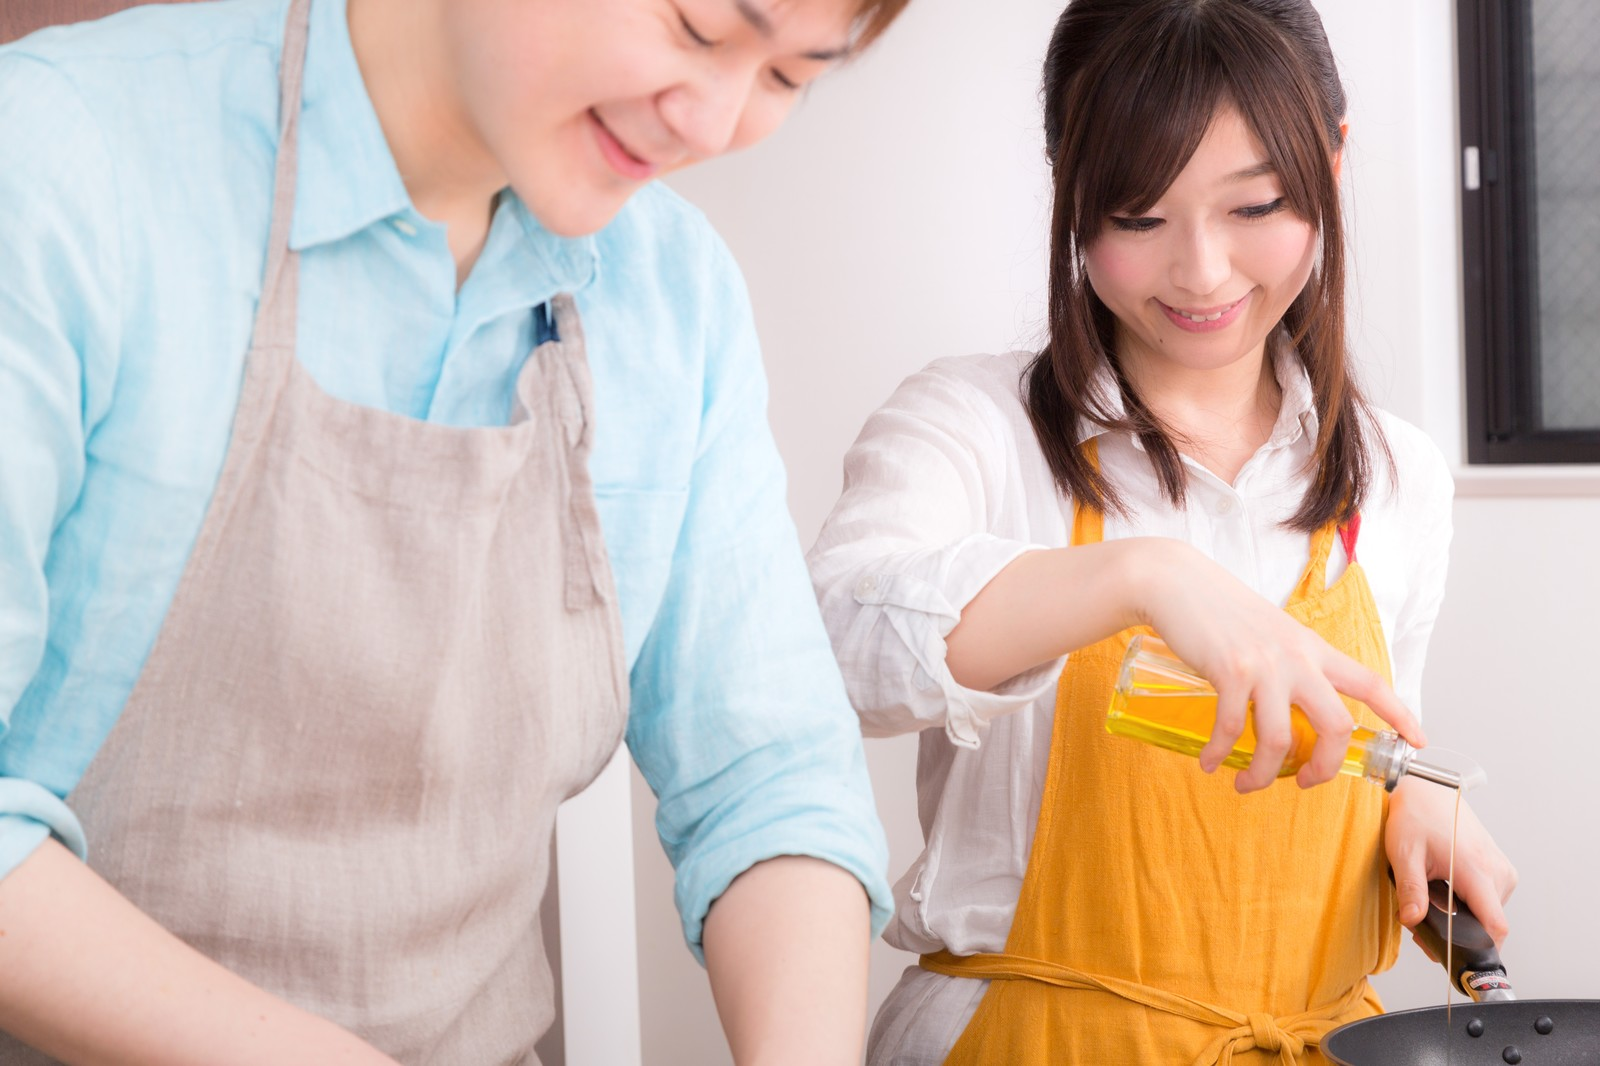 「楽しく料理をする事が夫婦円満の秘訣楽しく料理をする事が夫婦円満の秘訣」[モデル:五十嵐夫妻]のフリー写真素材